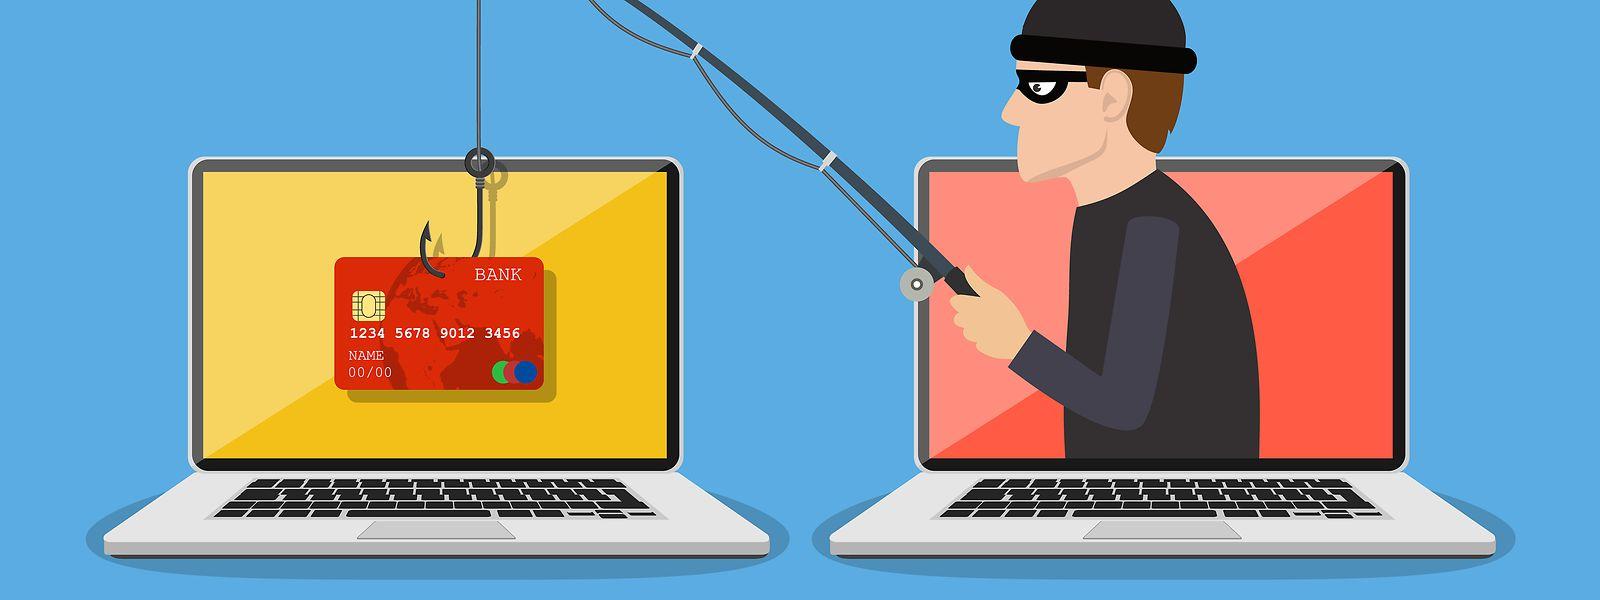 Mit Phishing-Attacken versuchen Unehrliche an persönliche Daten ihrer Opfer zu kommen.